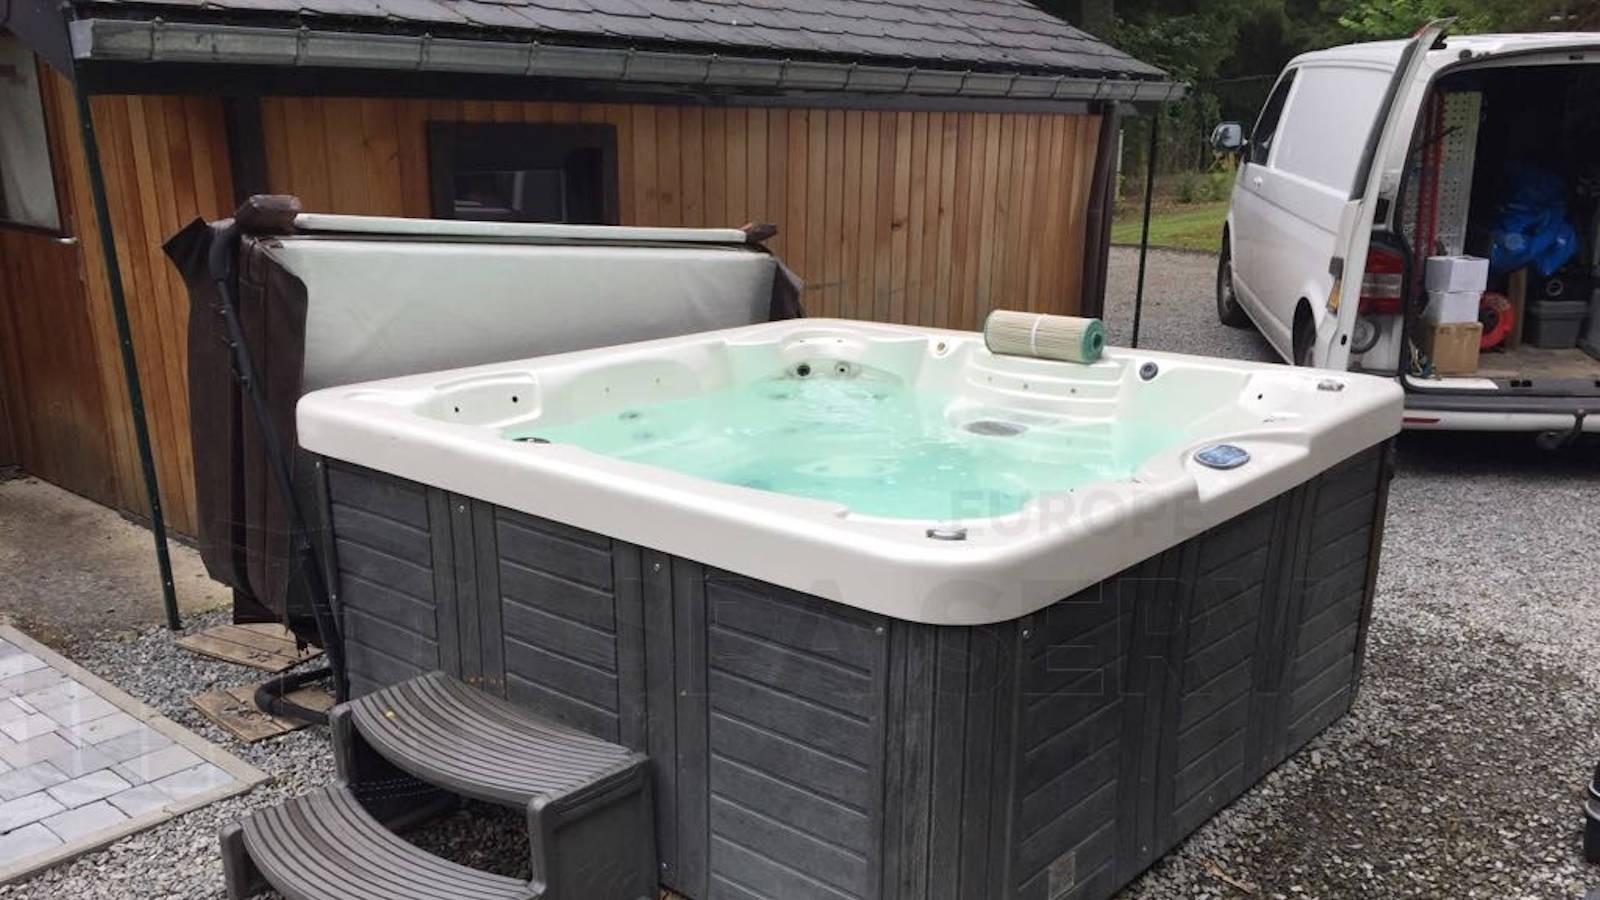 Reparatie pomp en lekkage verholpen aan een Kauai spa in Soy België